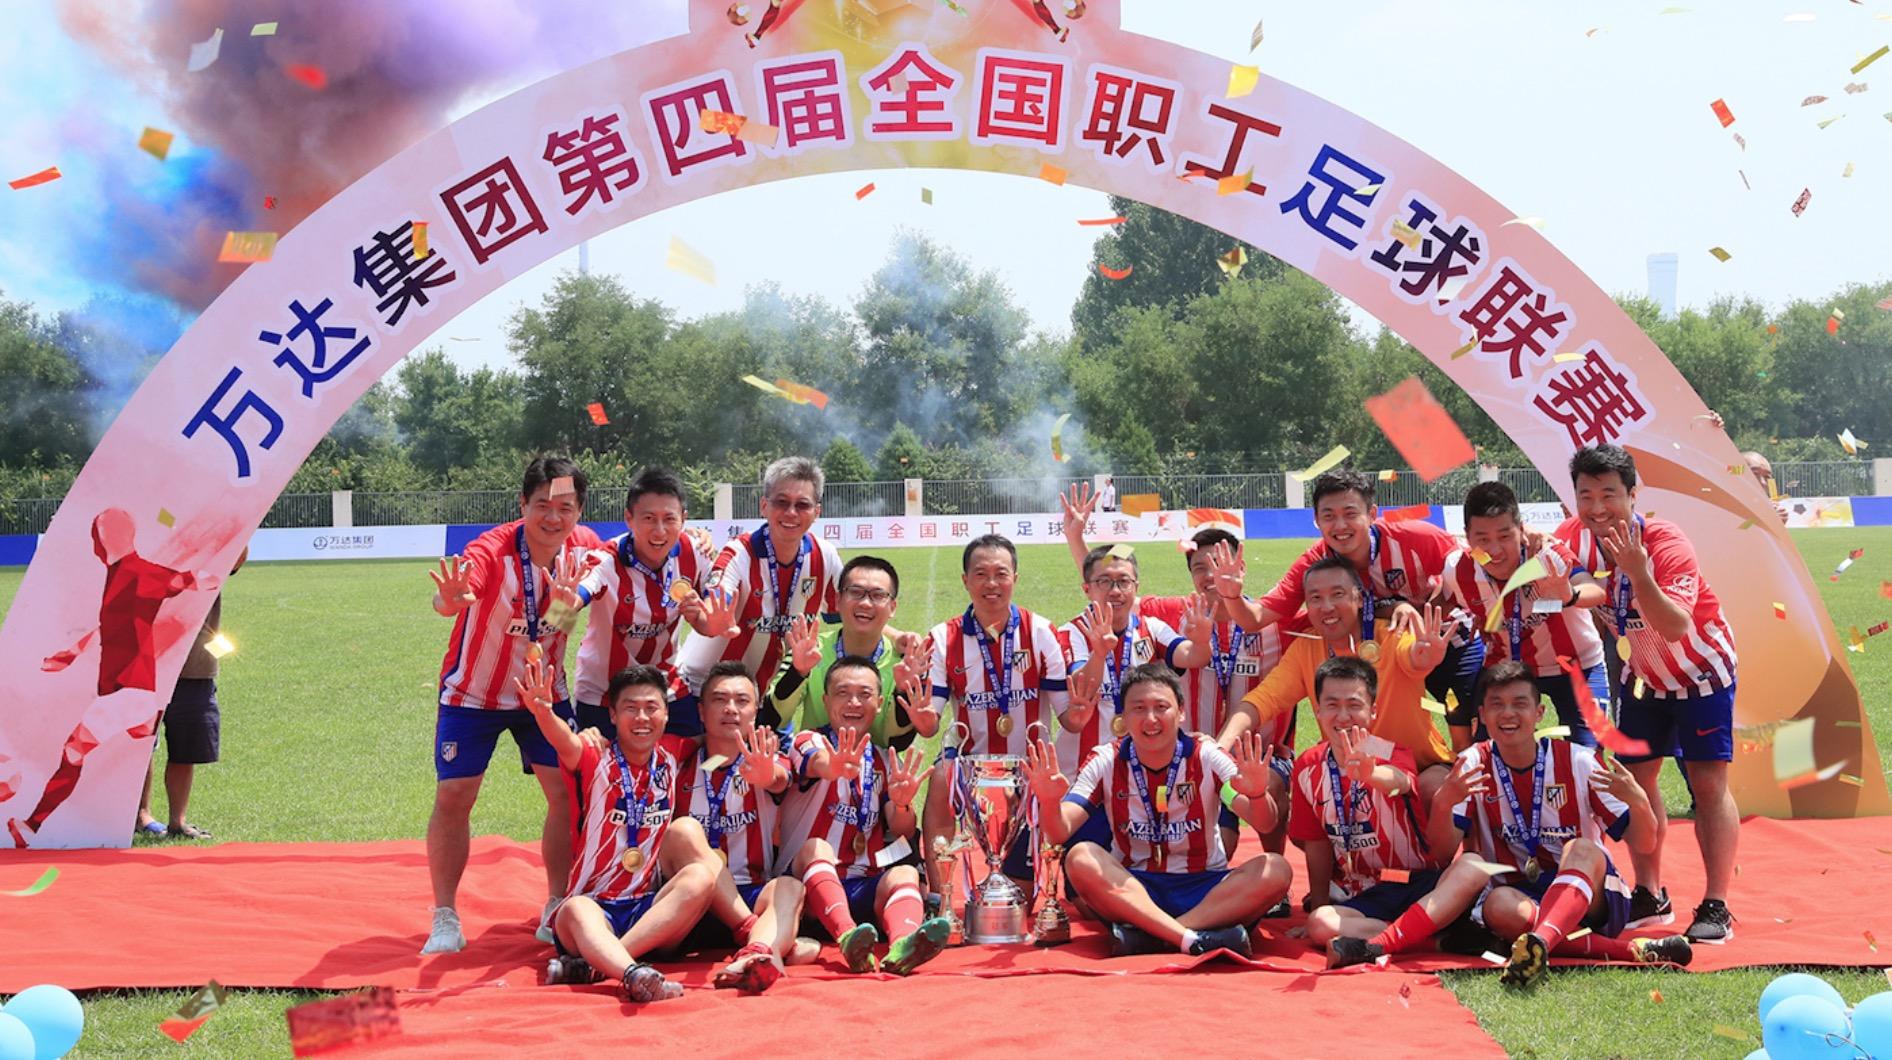 万达集团文化联队获得第四届全国职工足球联赛冠军